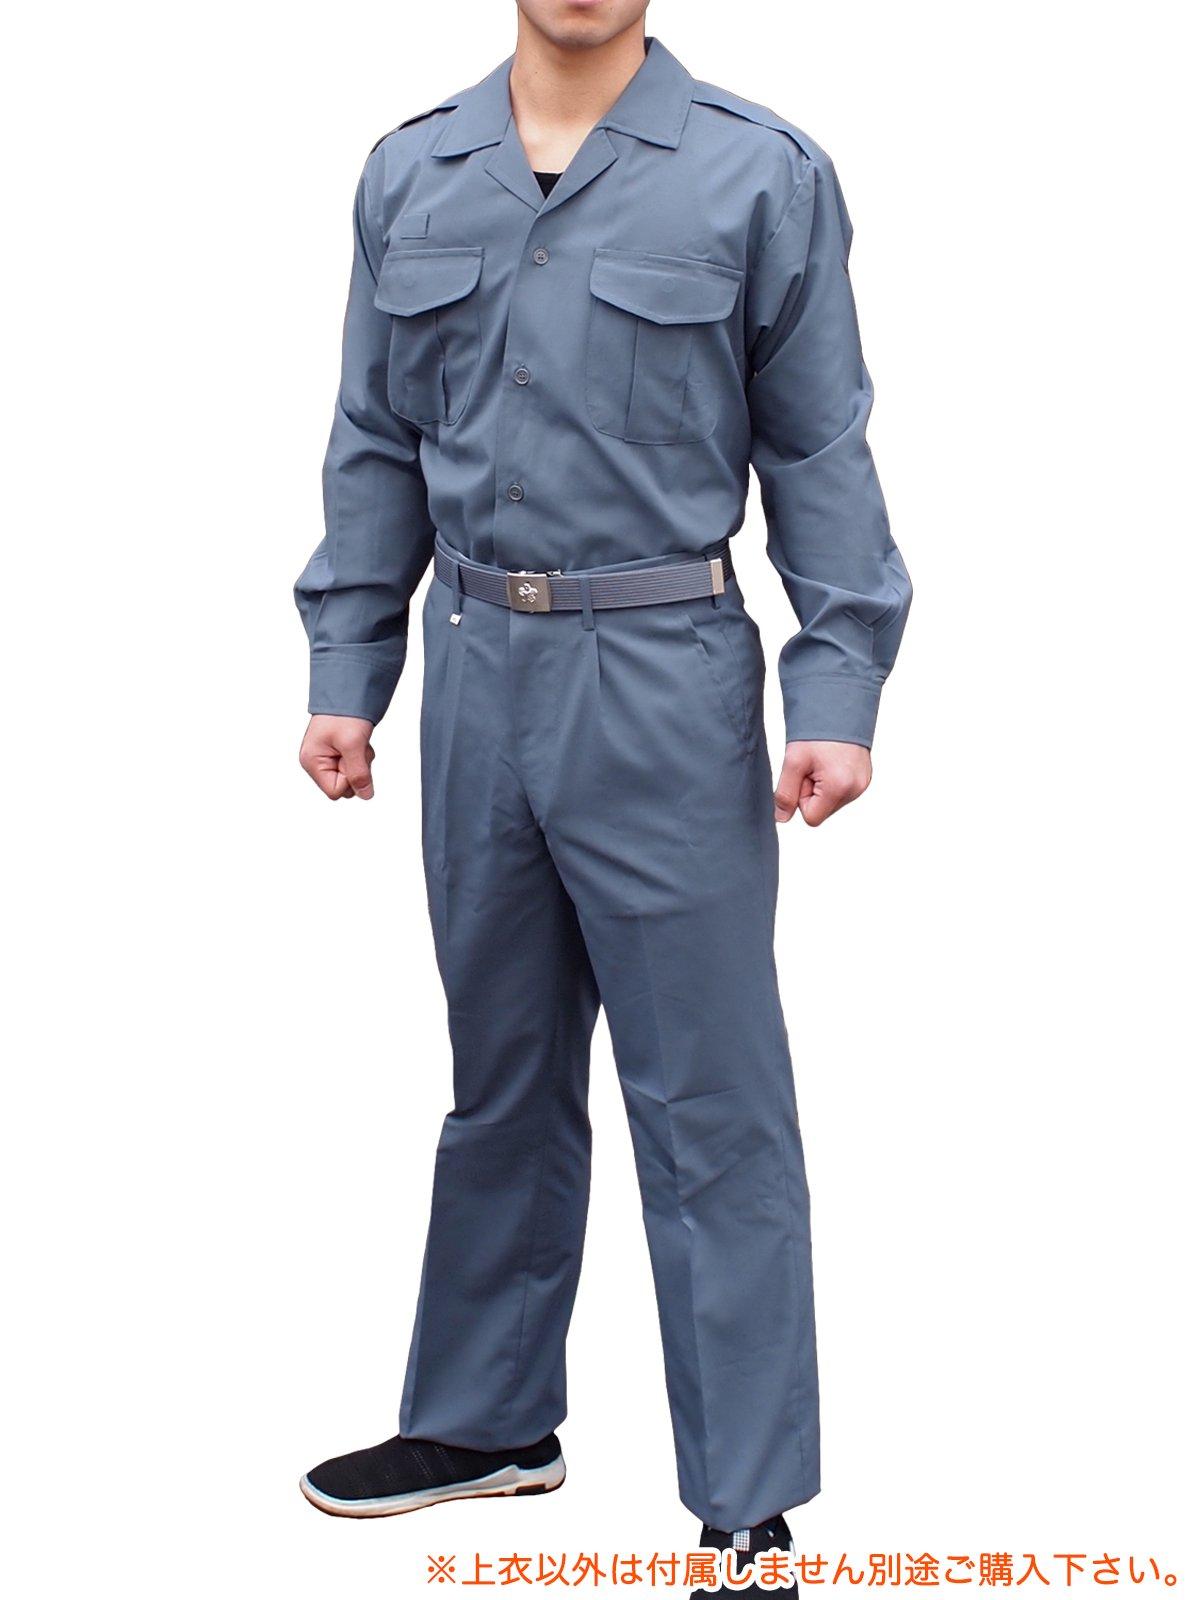 消防盛夏服(グレー)開衿長袖上衣【画像3】